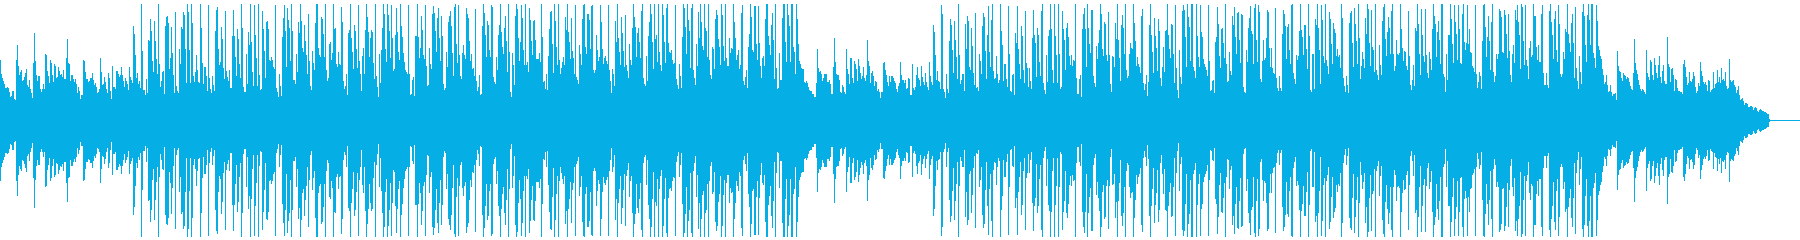 Lo-Fi_Hiphop 4の再生済みの波形